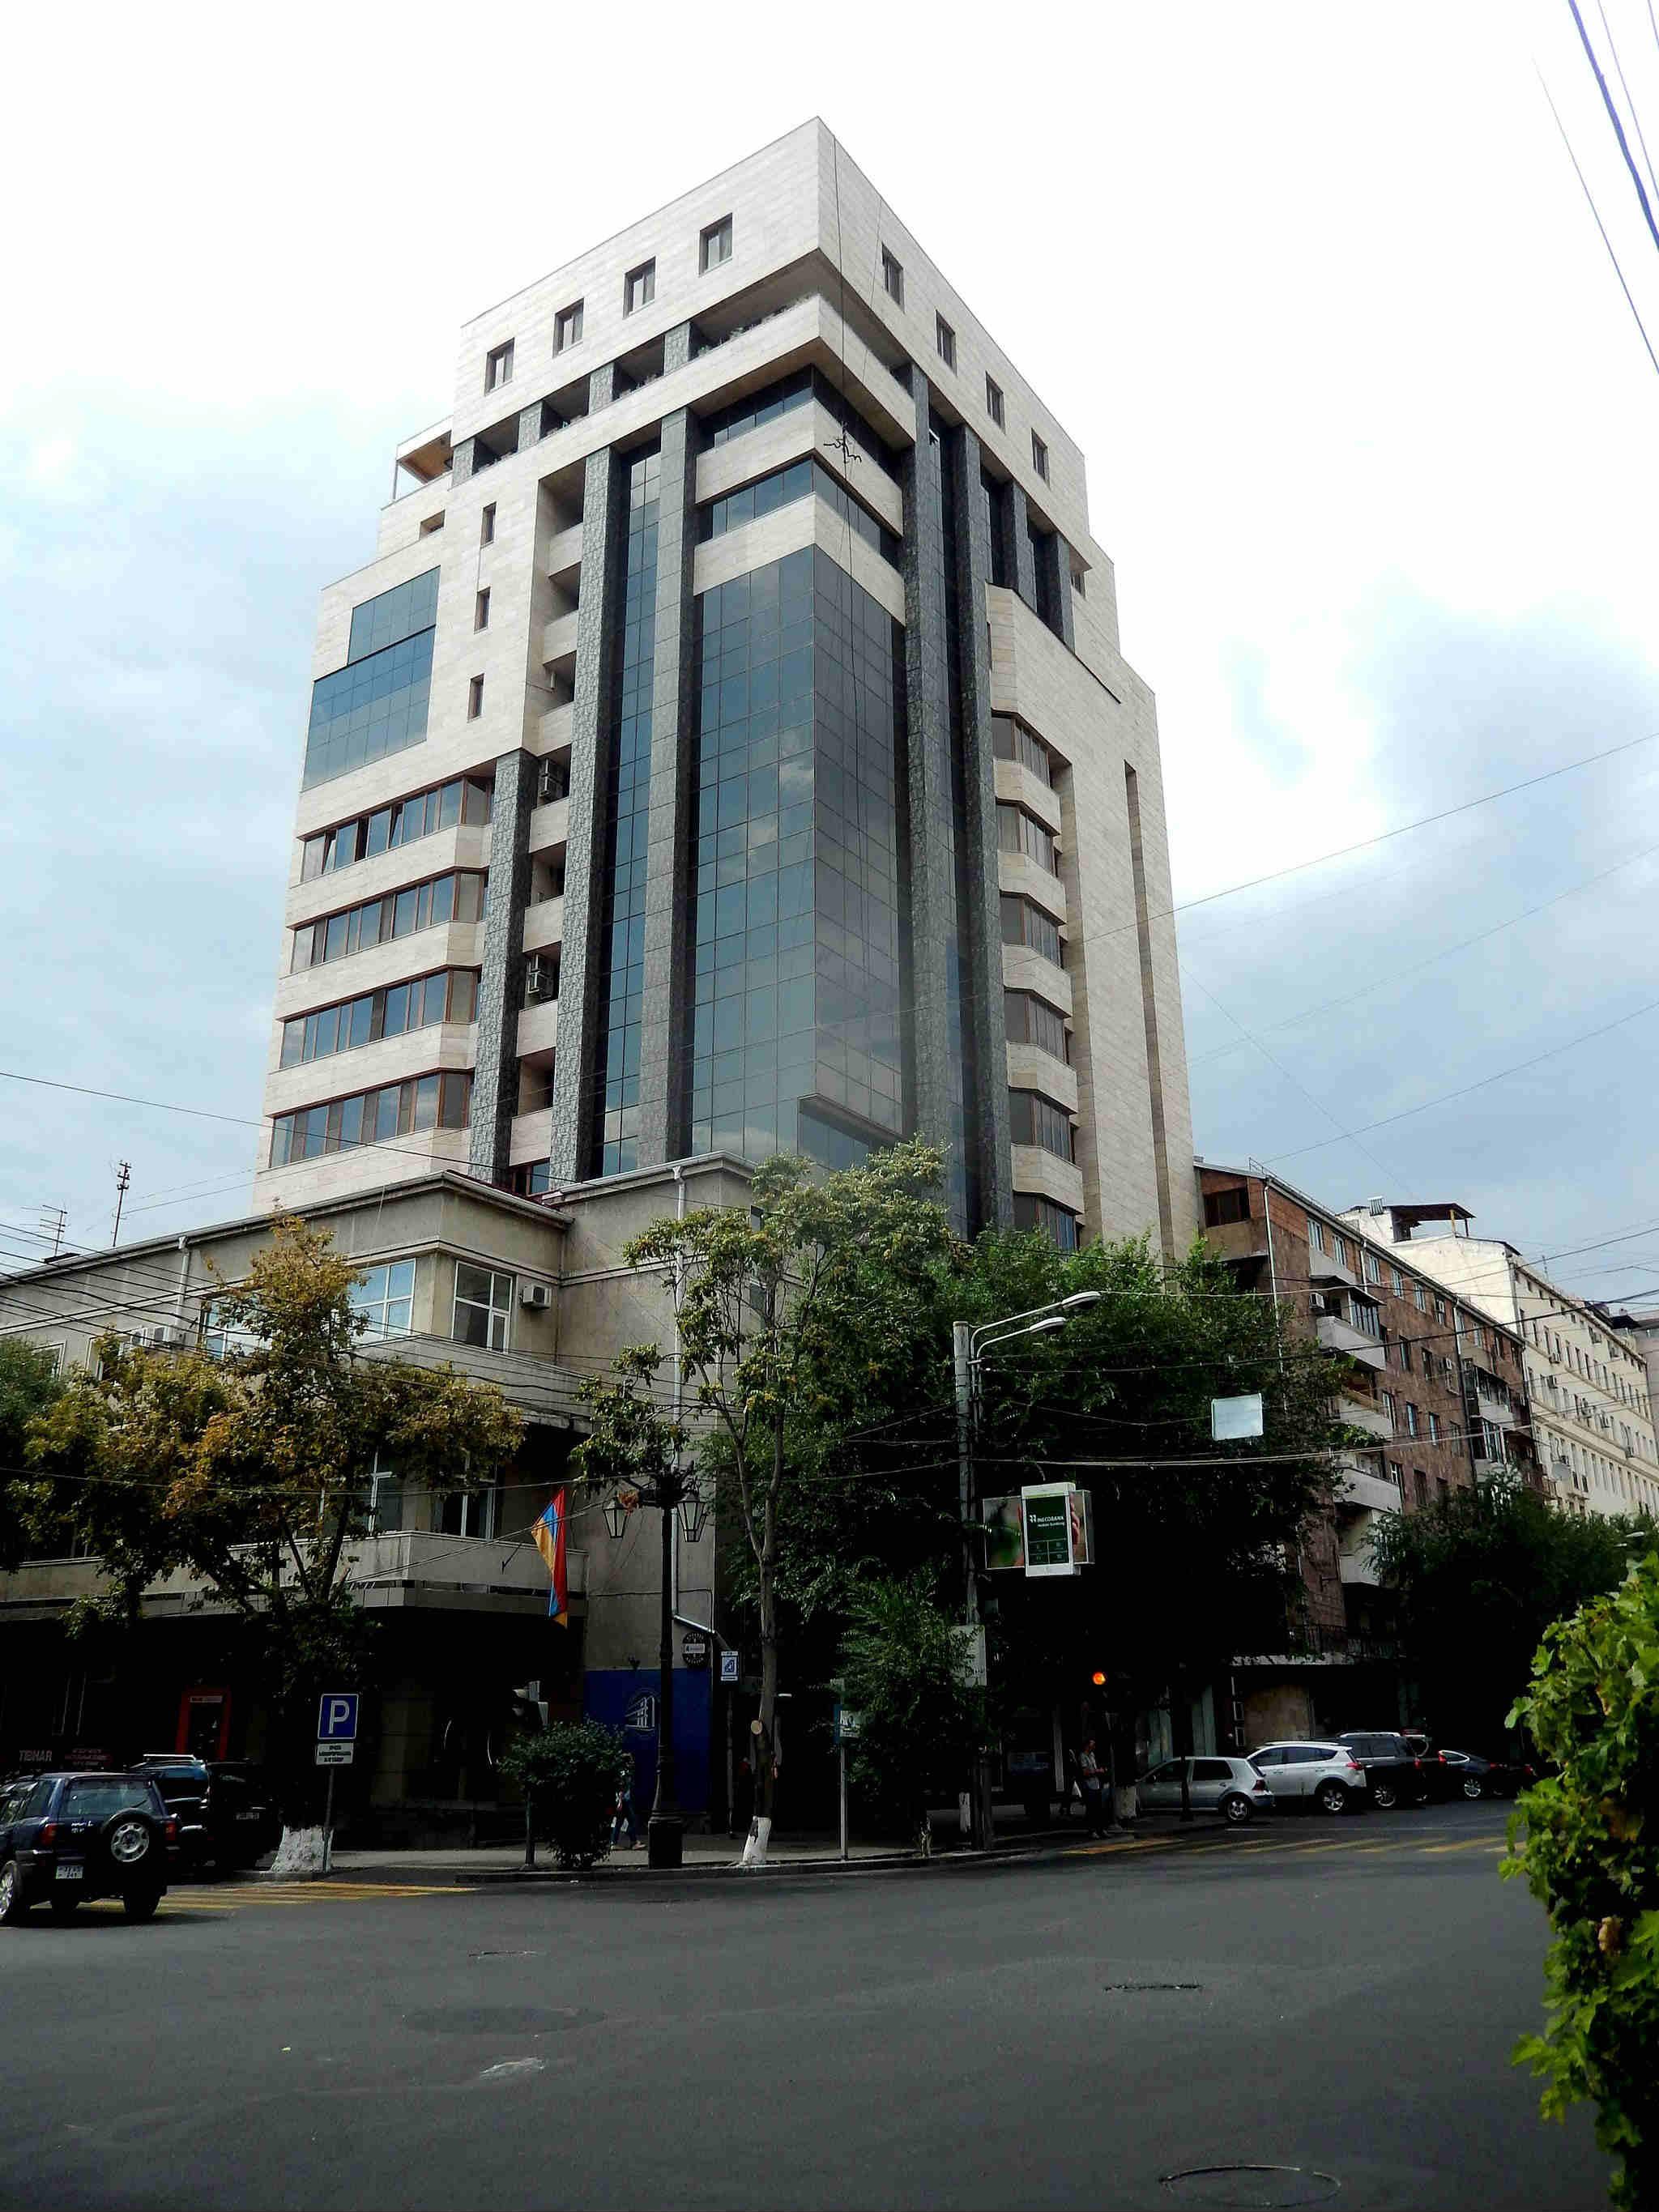 New building in yerevan